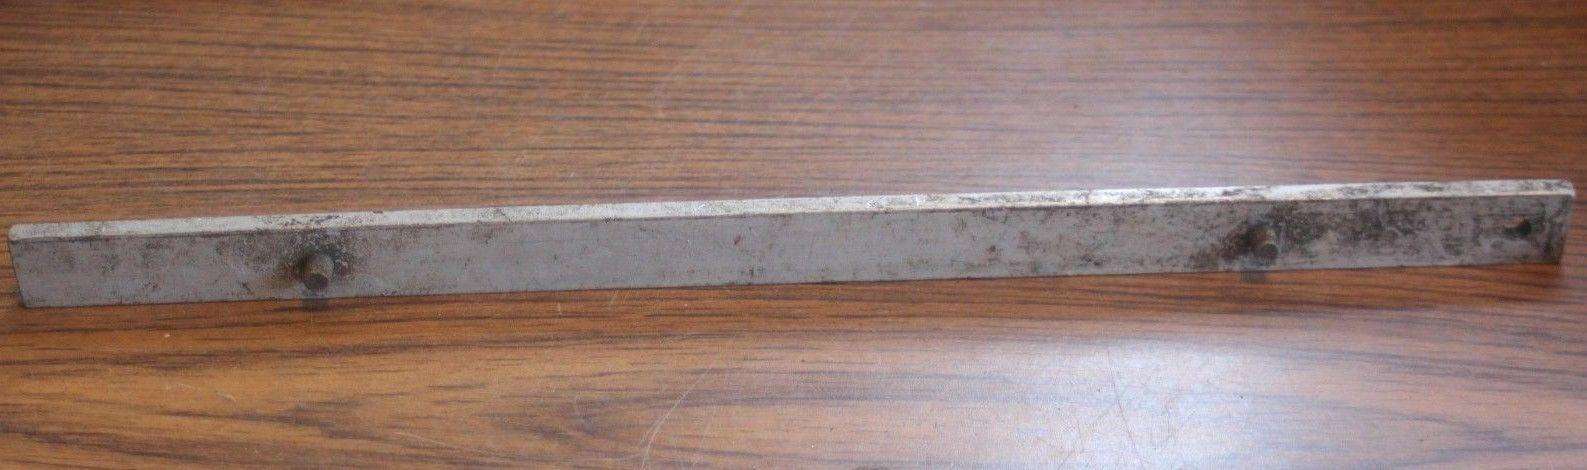 Zelenda Adapter Strip 4477